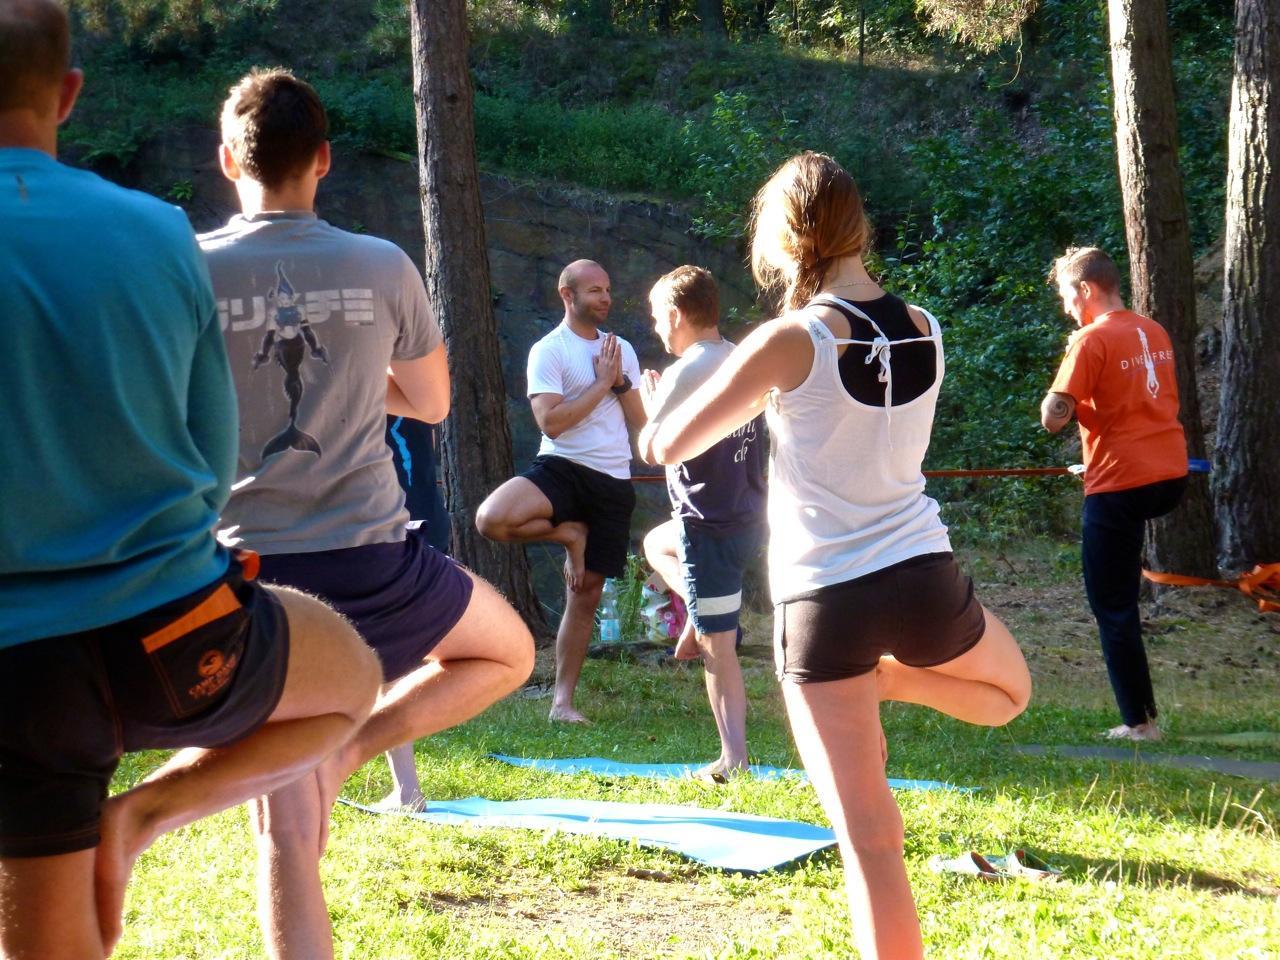 Yoga am Morgen um 7:30 mit YOGA MACHT STARK